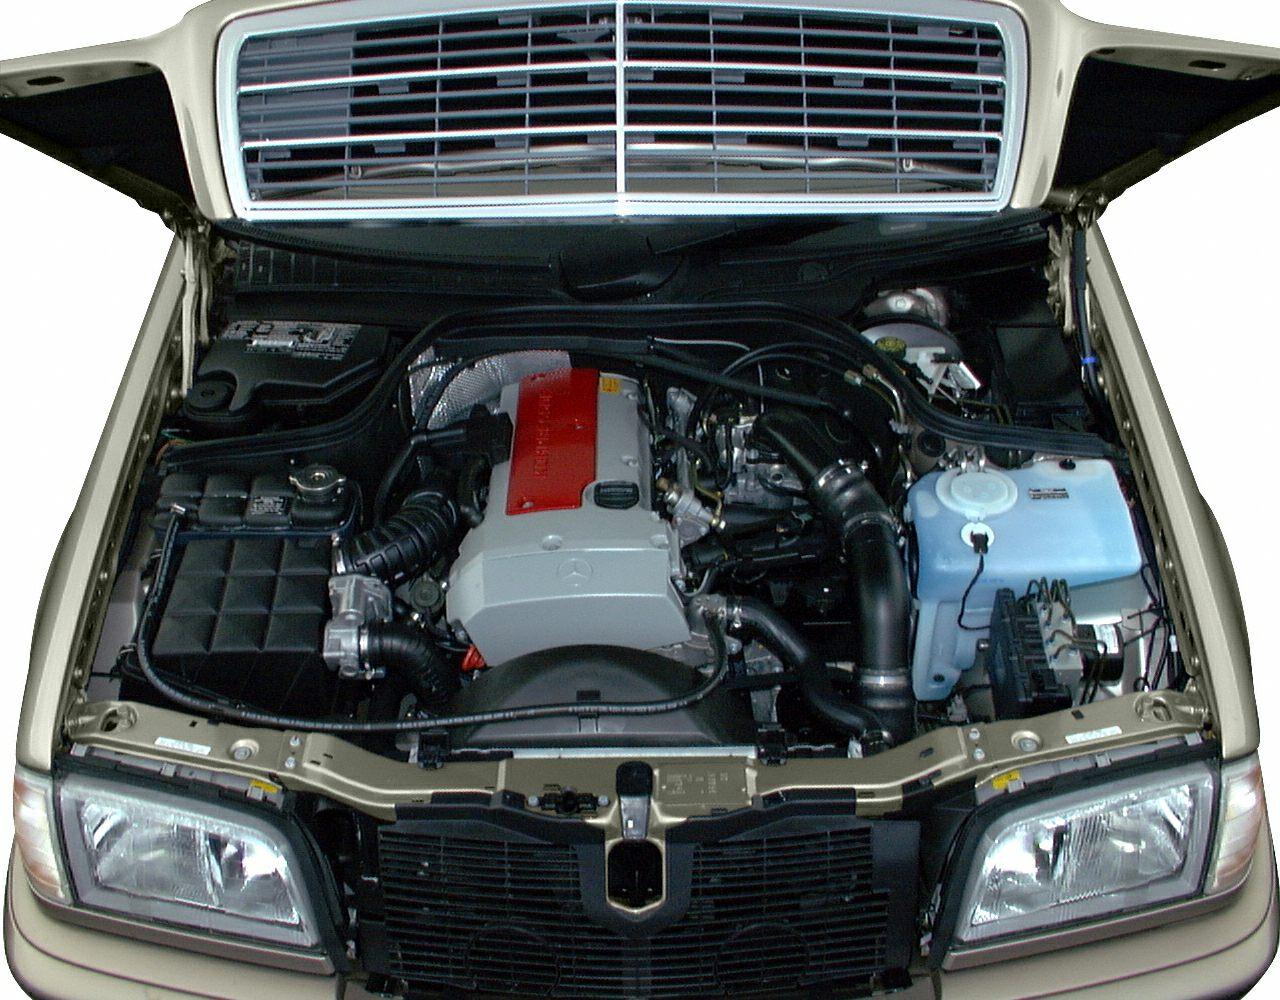 2000 Mercedes Benz C Class Kompressor C230 4dr Sedan Pictures